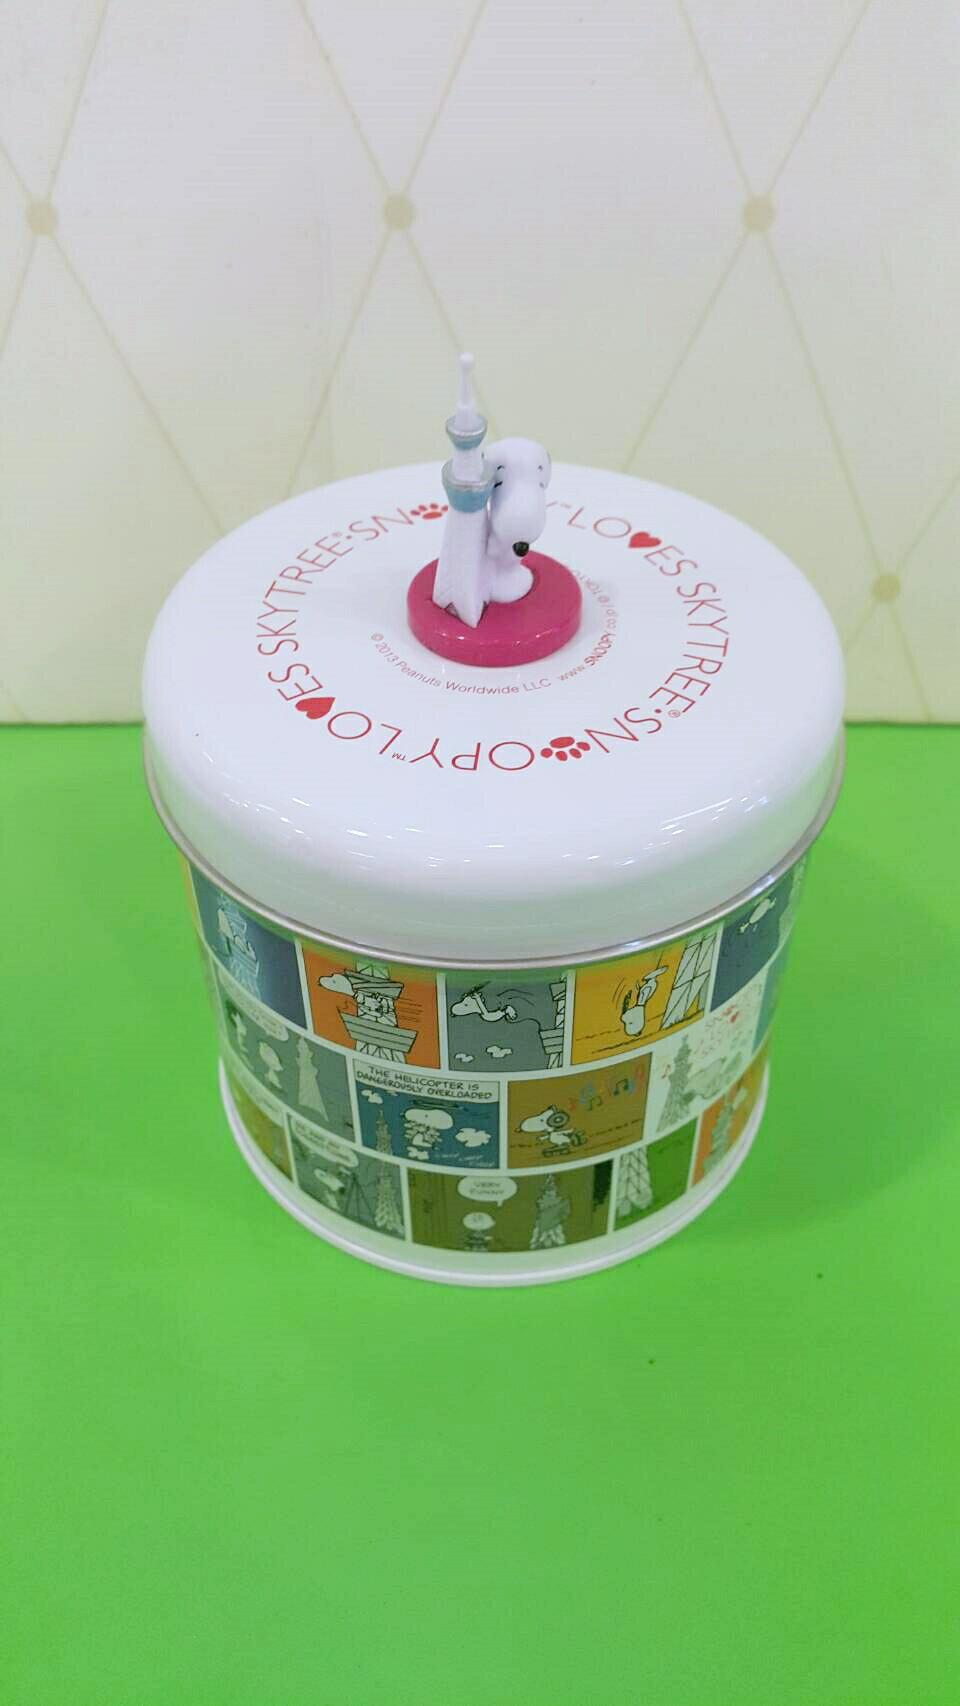 X射線【C186064】日本晴空塔代購-晴空塔 x 史努比Snoopy5週年限定版紀念餅乾罐,點心/零嘴/餅乾/糖果/韓國代購/日本糖果/零食/伴手禮/禮盒